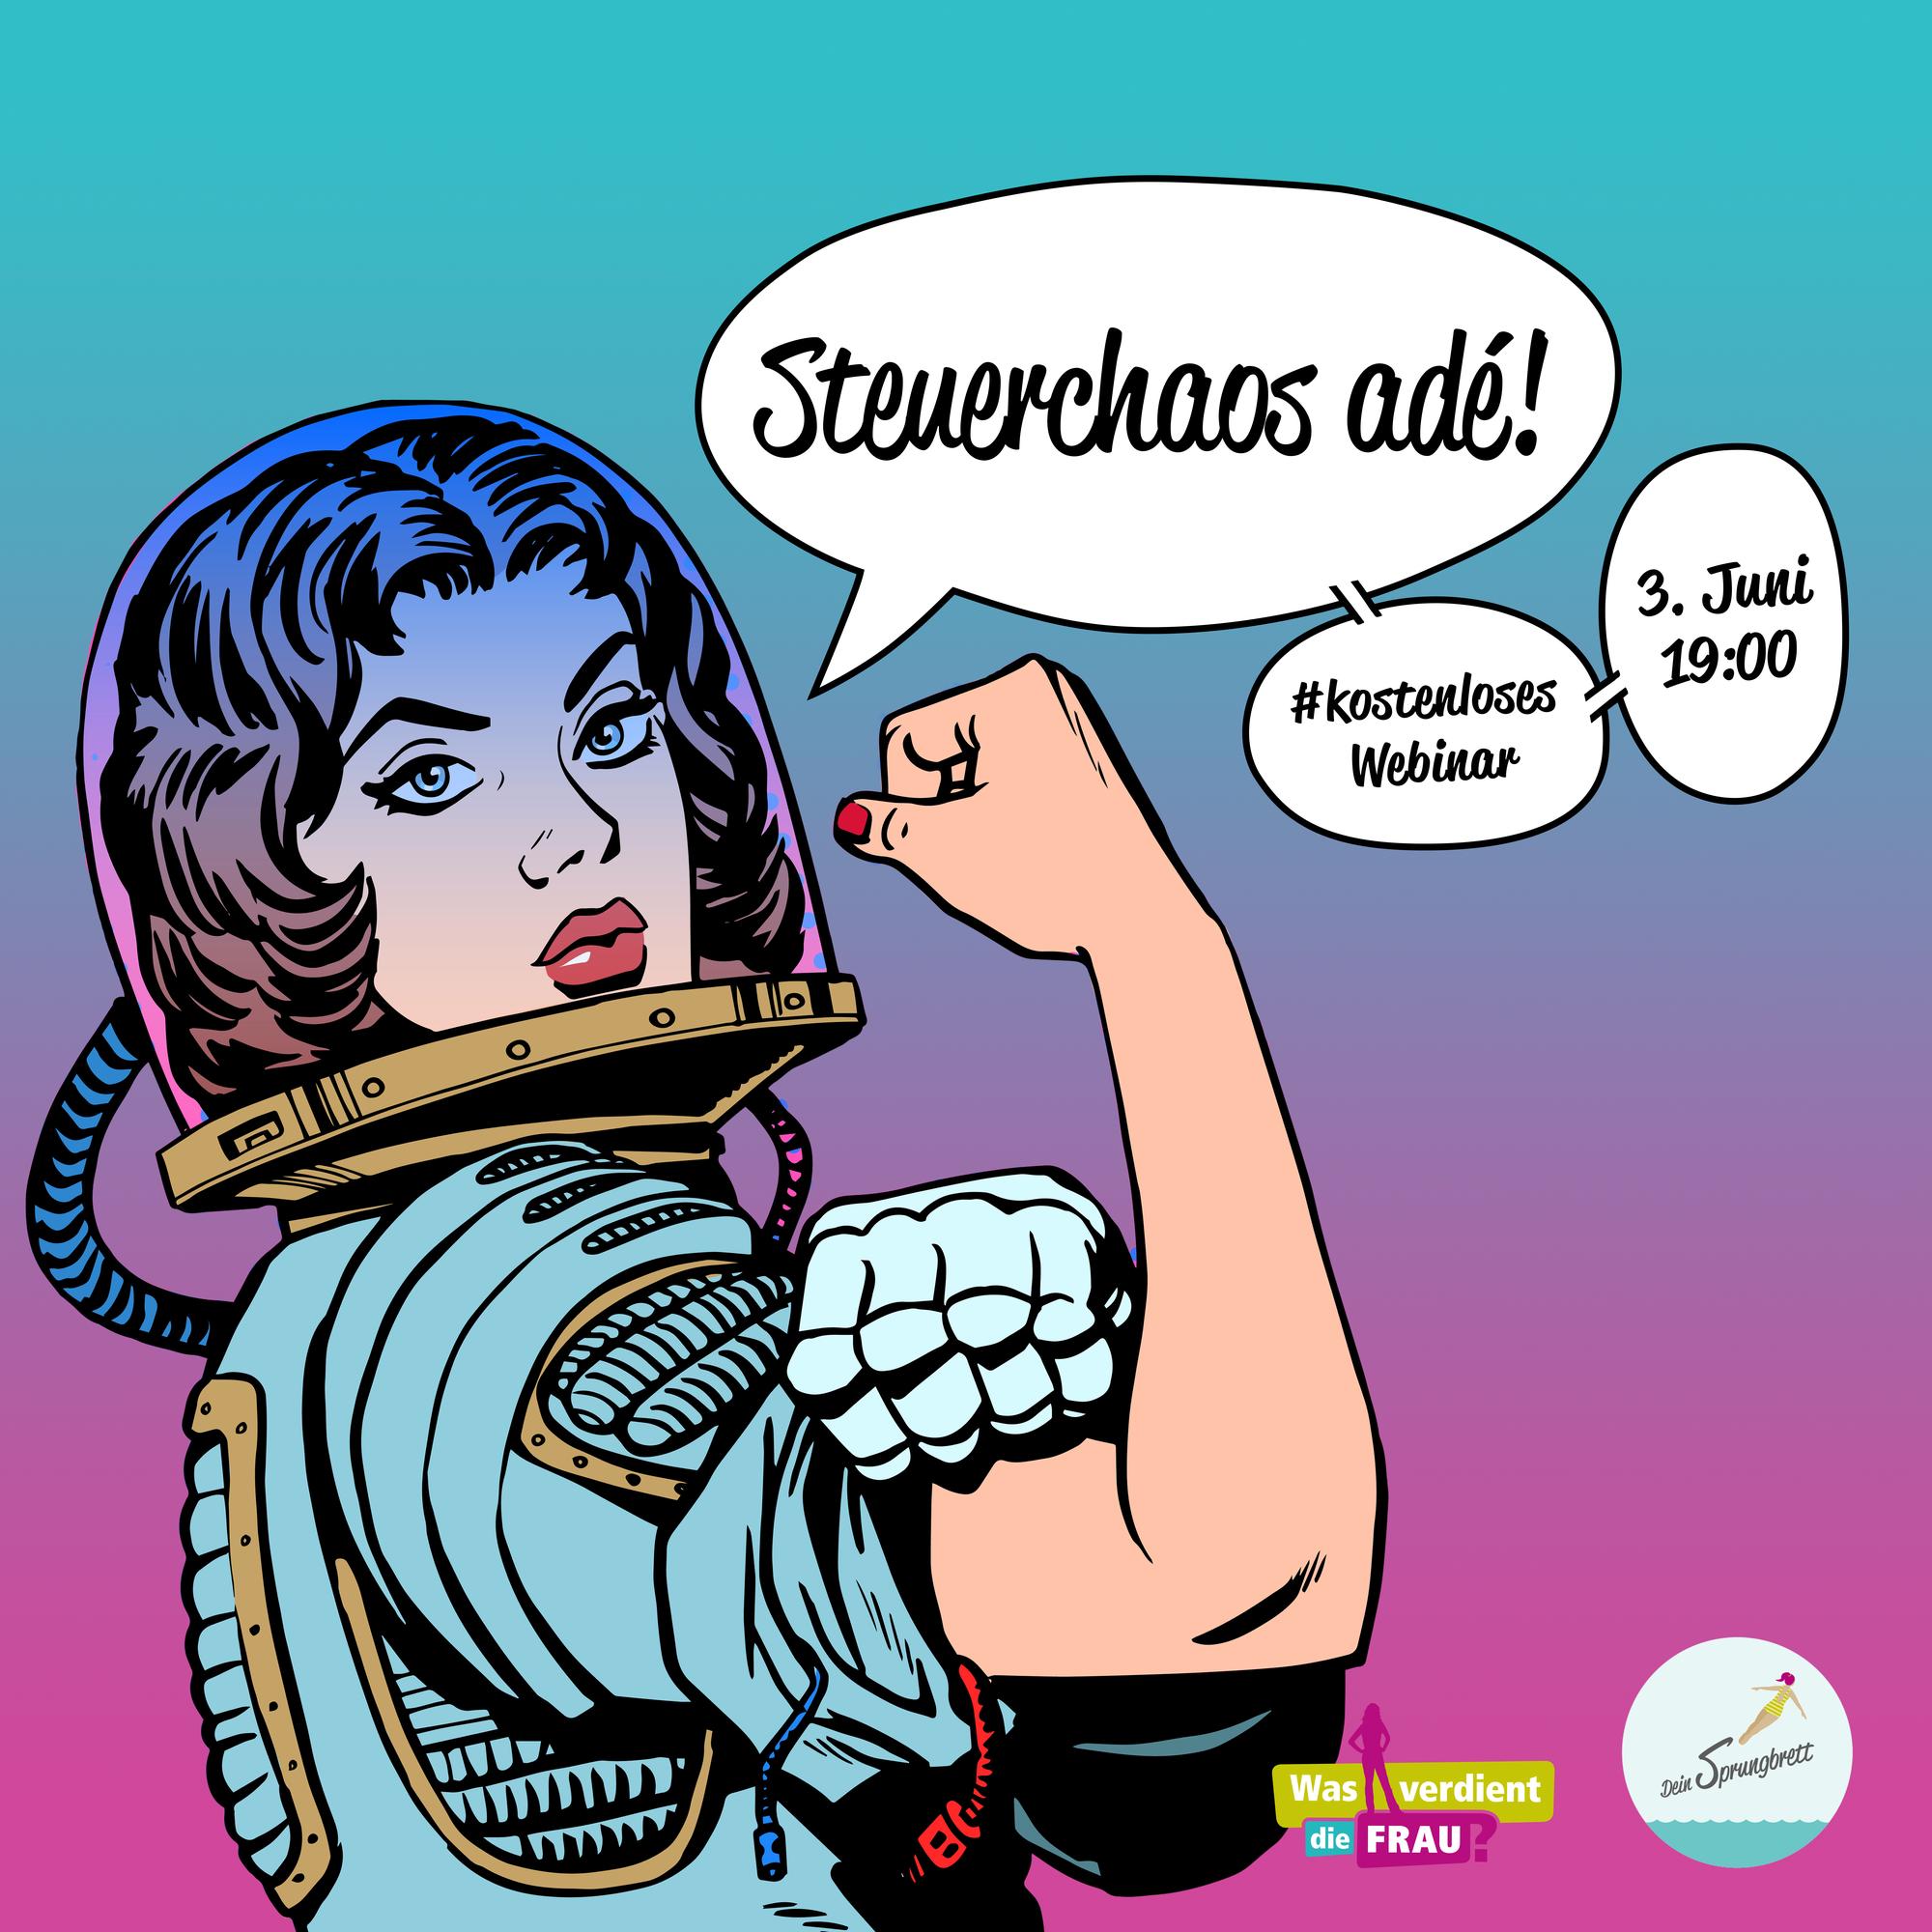 """Astronautin mit geballter Faust, Sprechblasen mit Informationen zum Webinar: Titel: """"Steuerchaos adé! Schaffe Klarheit in Steuerfragen!"""", am 3.6.2019 um 19 Uhr."""